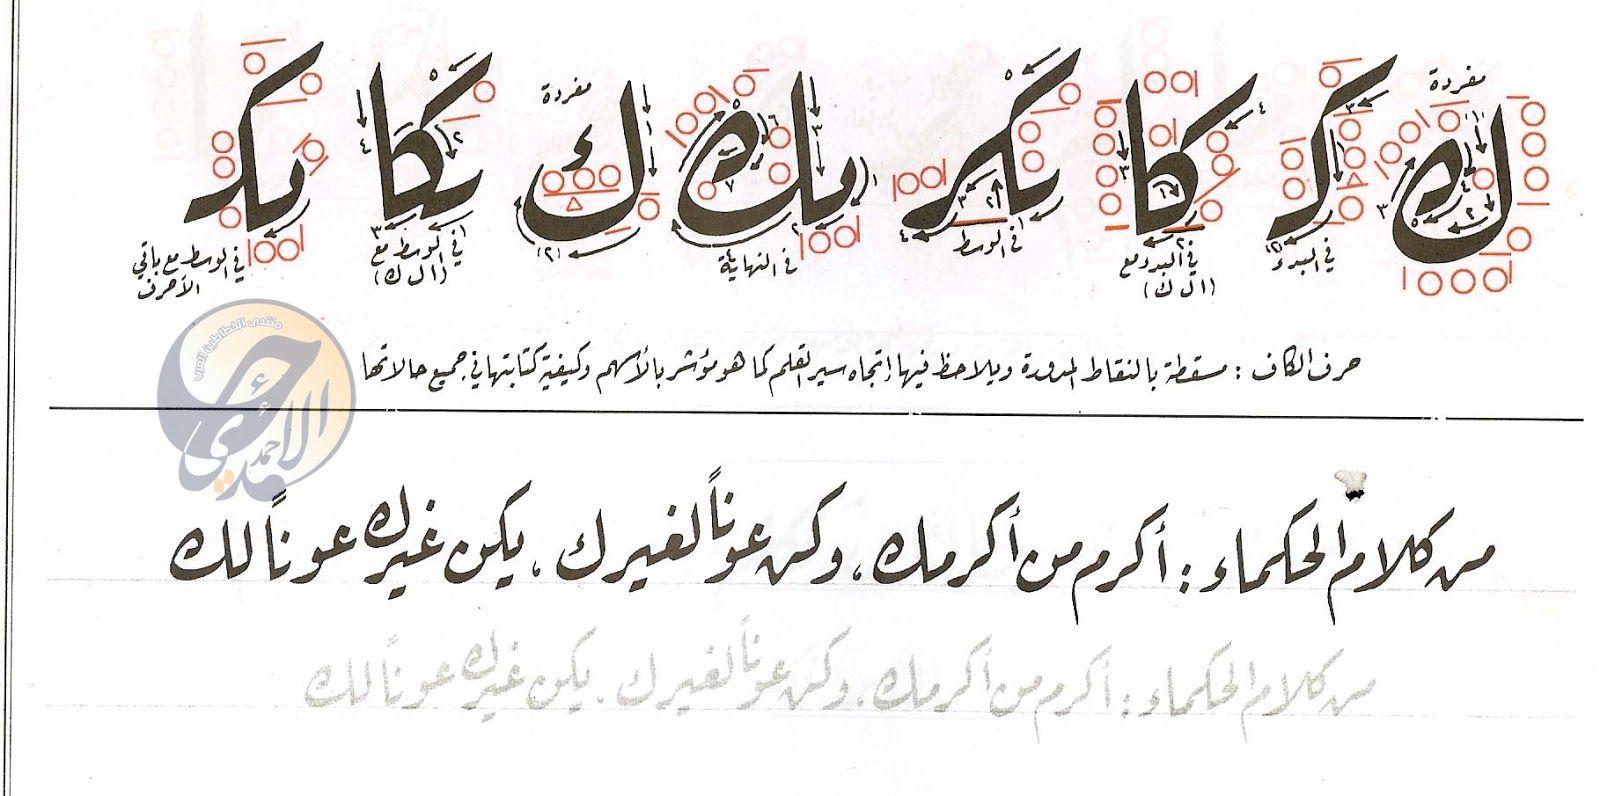 كراسة خط الرقعة للخطاط ناصر عبد الوهاب النصاري Islamic Art Calligraphy Arabic Calligraphy Islamic Art